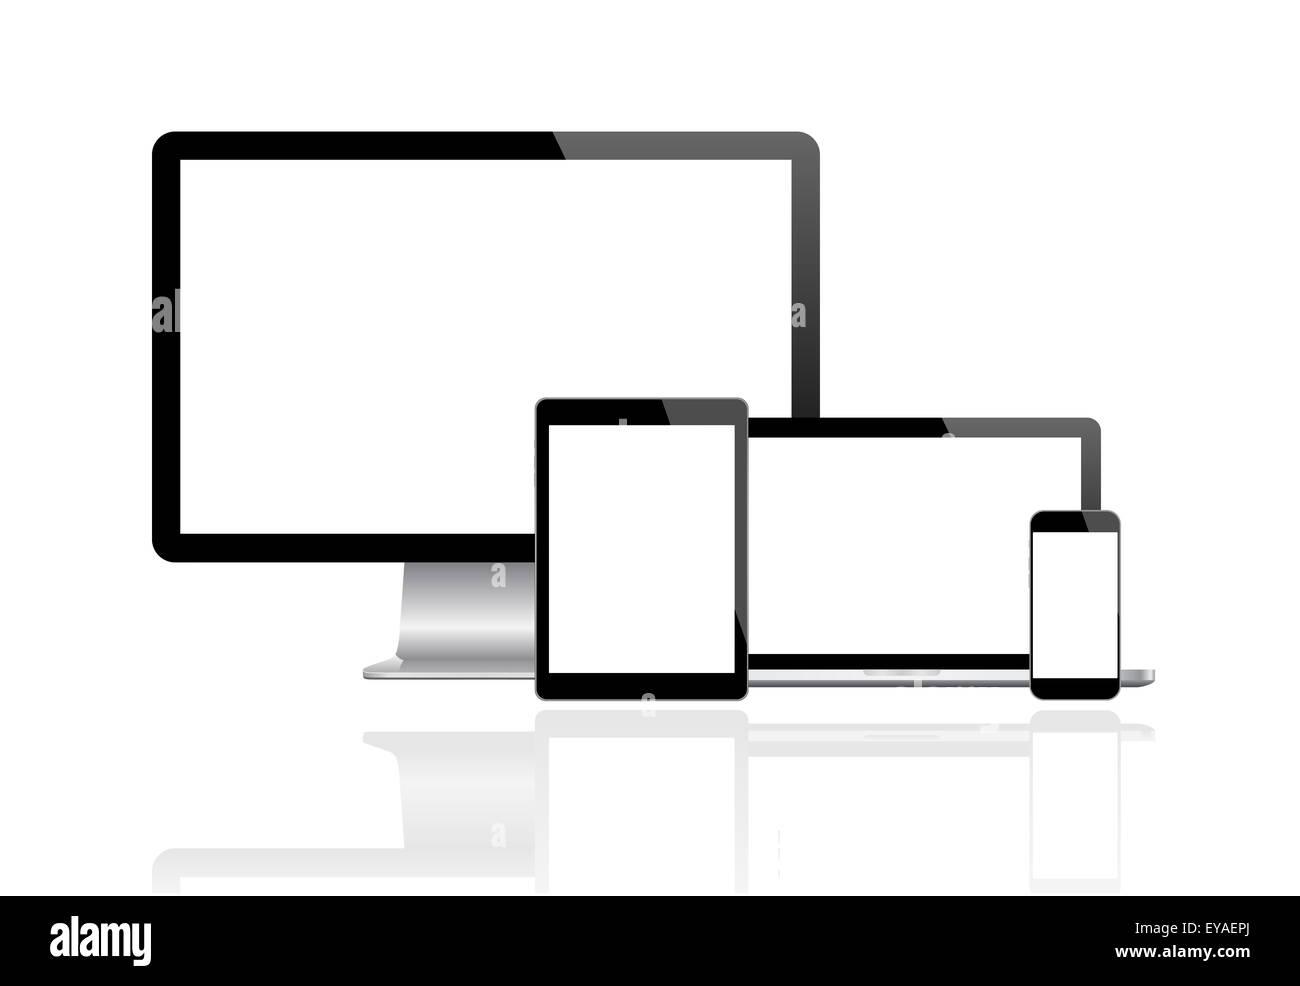 Moderno monitor, ordenador, portátil, teléfono, Tablet Imagen De Stock